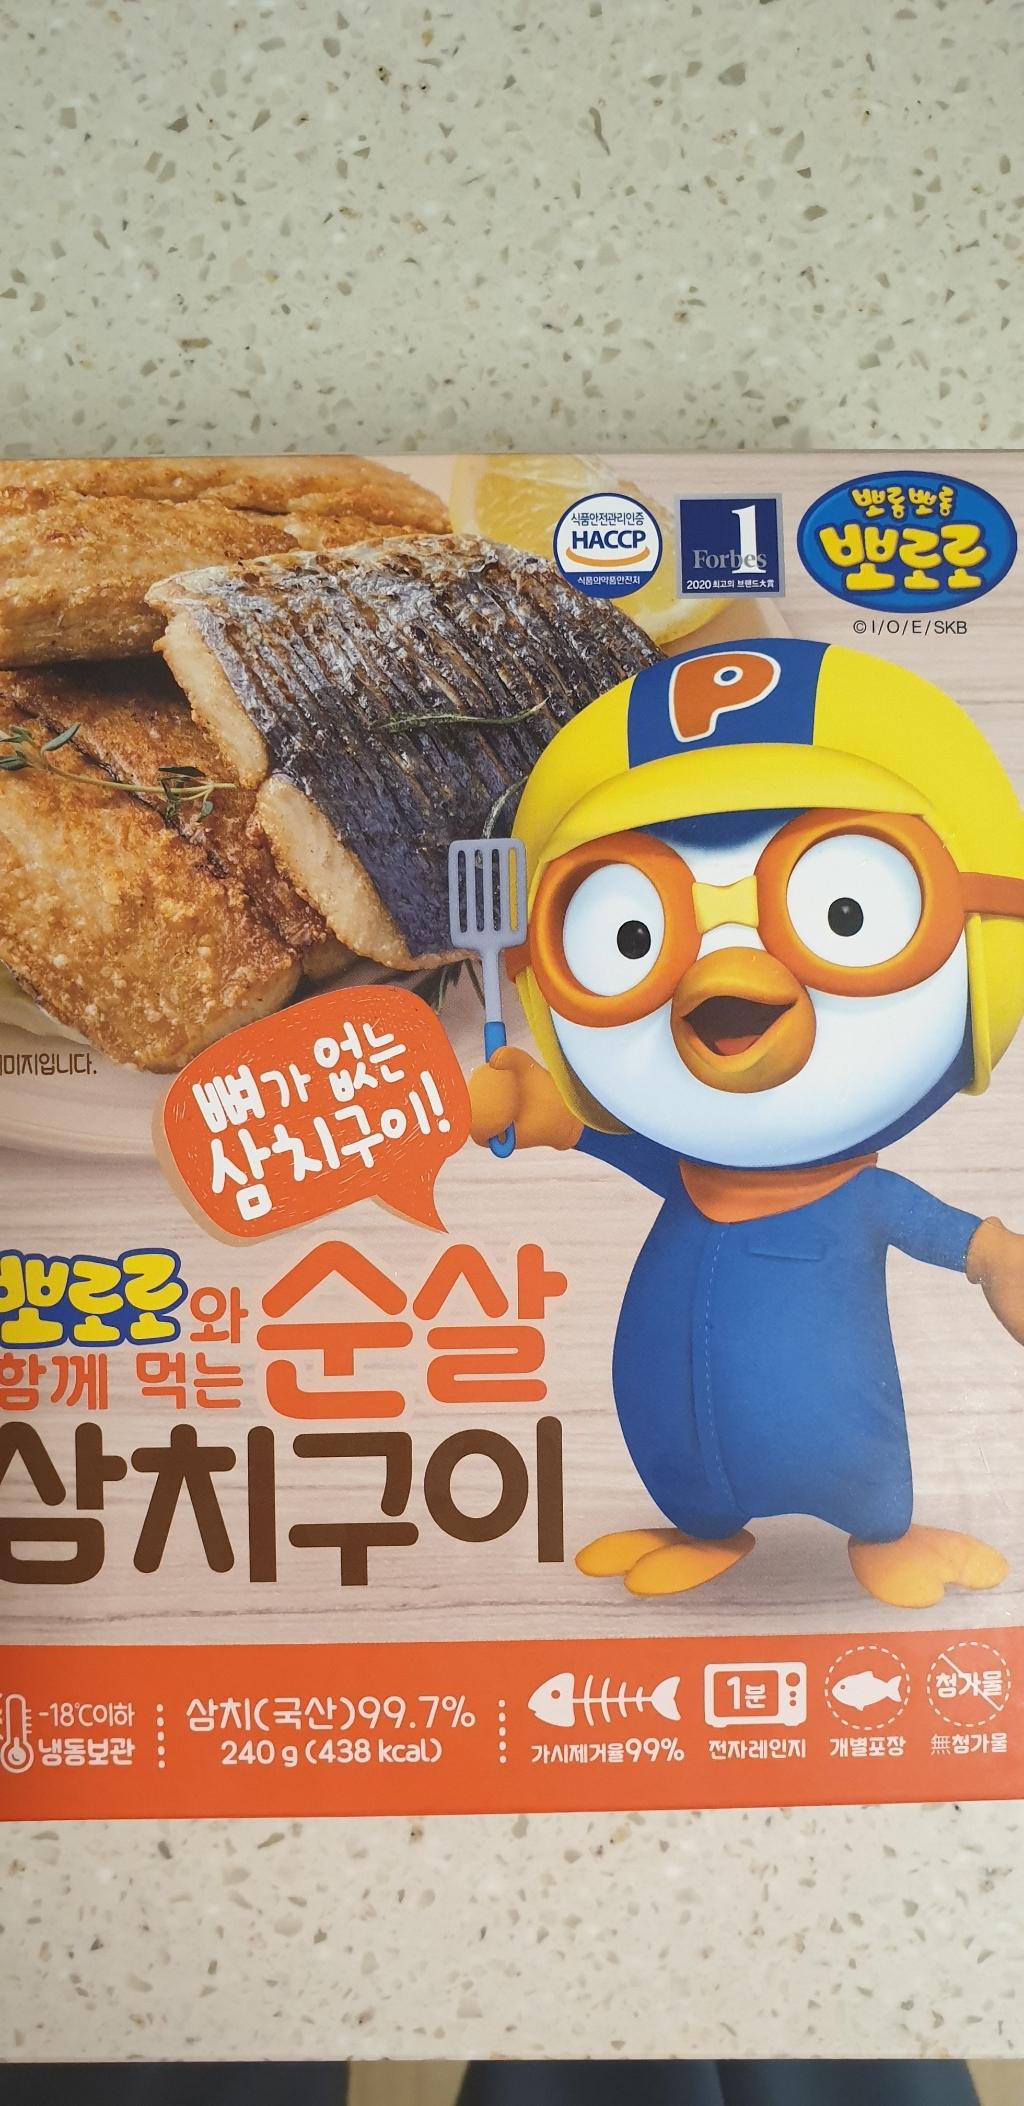 은하수산 뽀로로와 함께먹는 순살 삼치구이 (냉동)  리뷰 후기